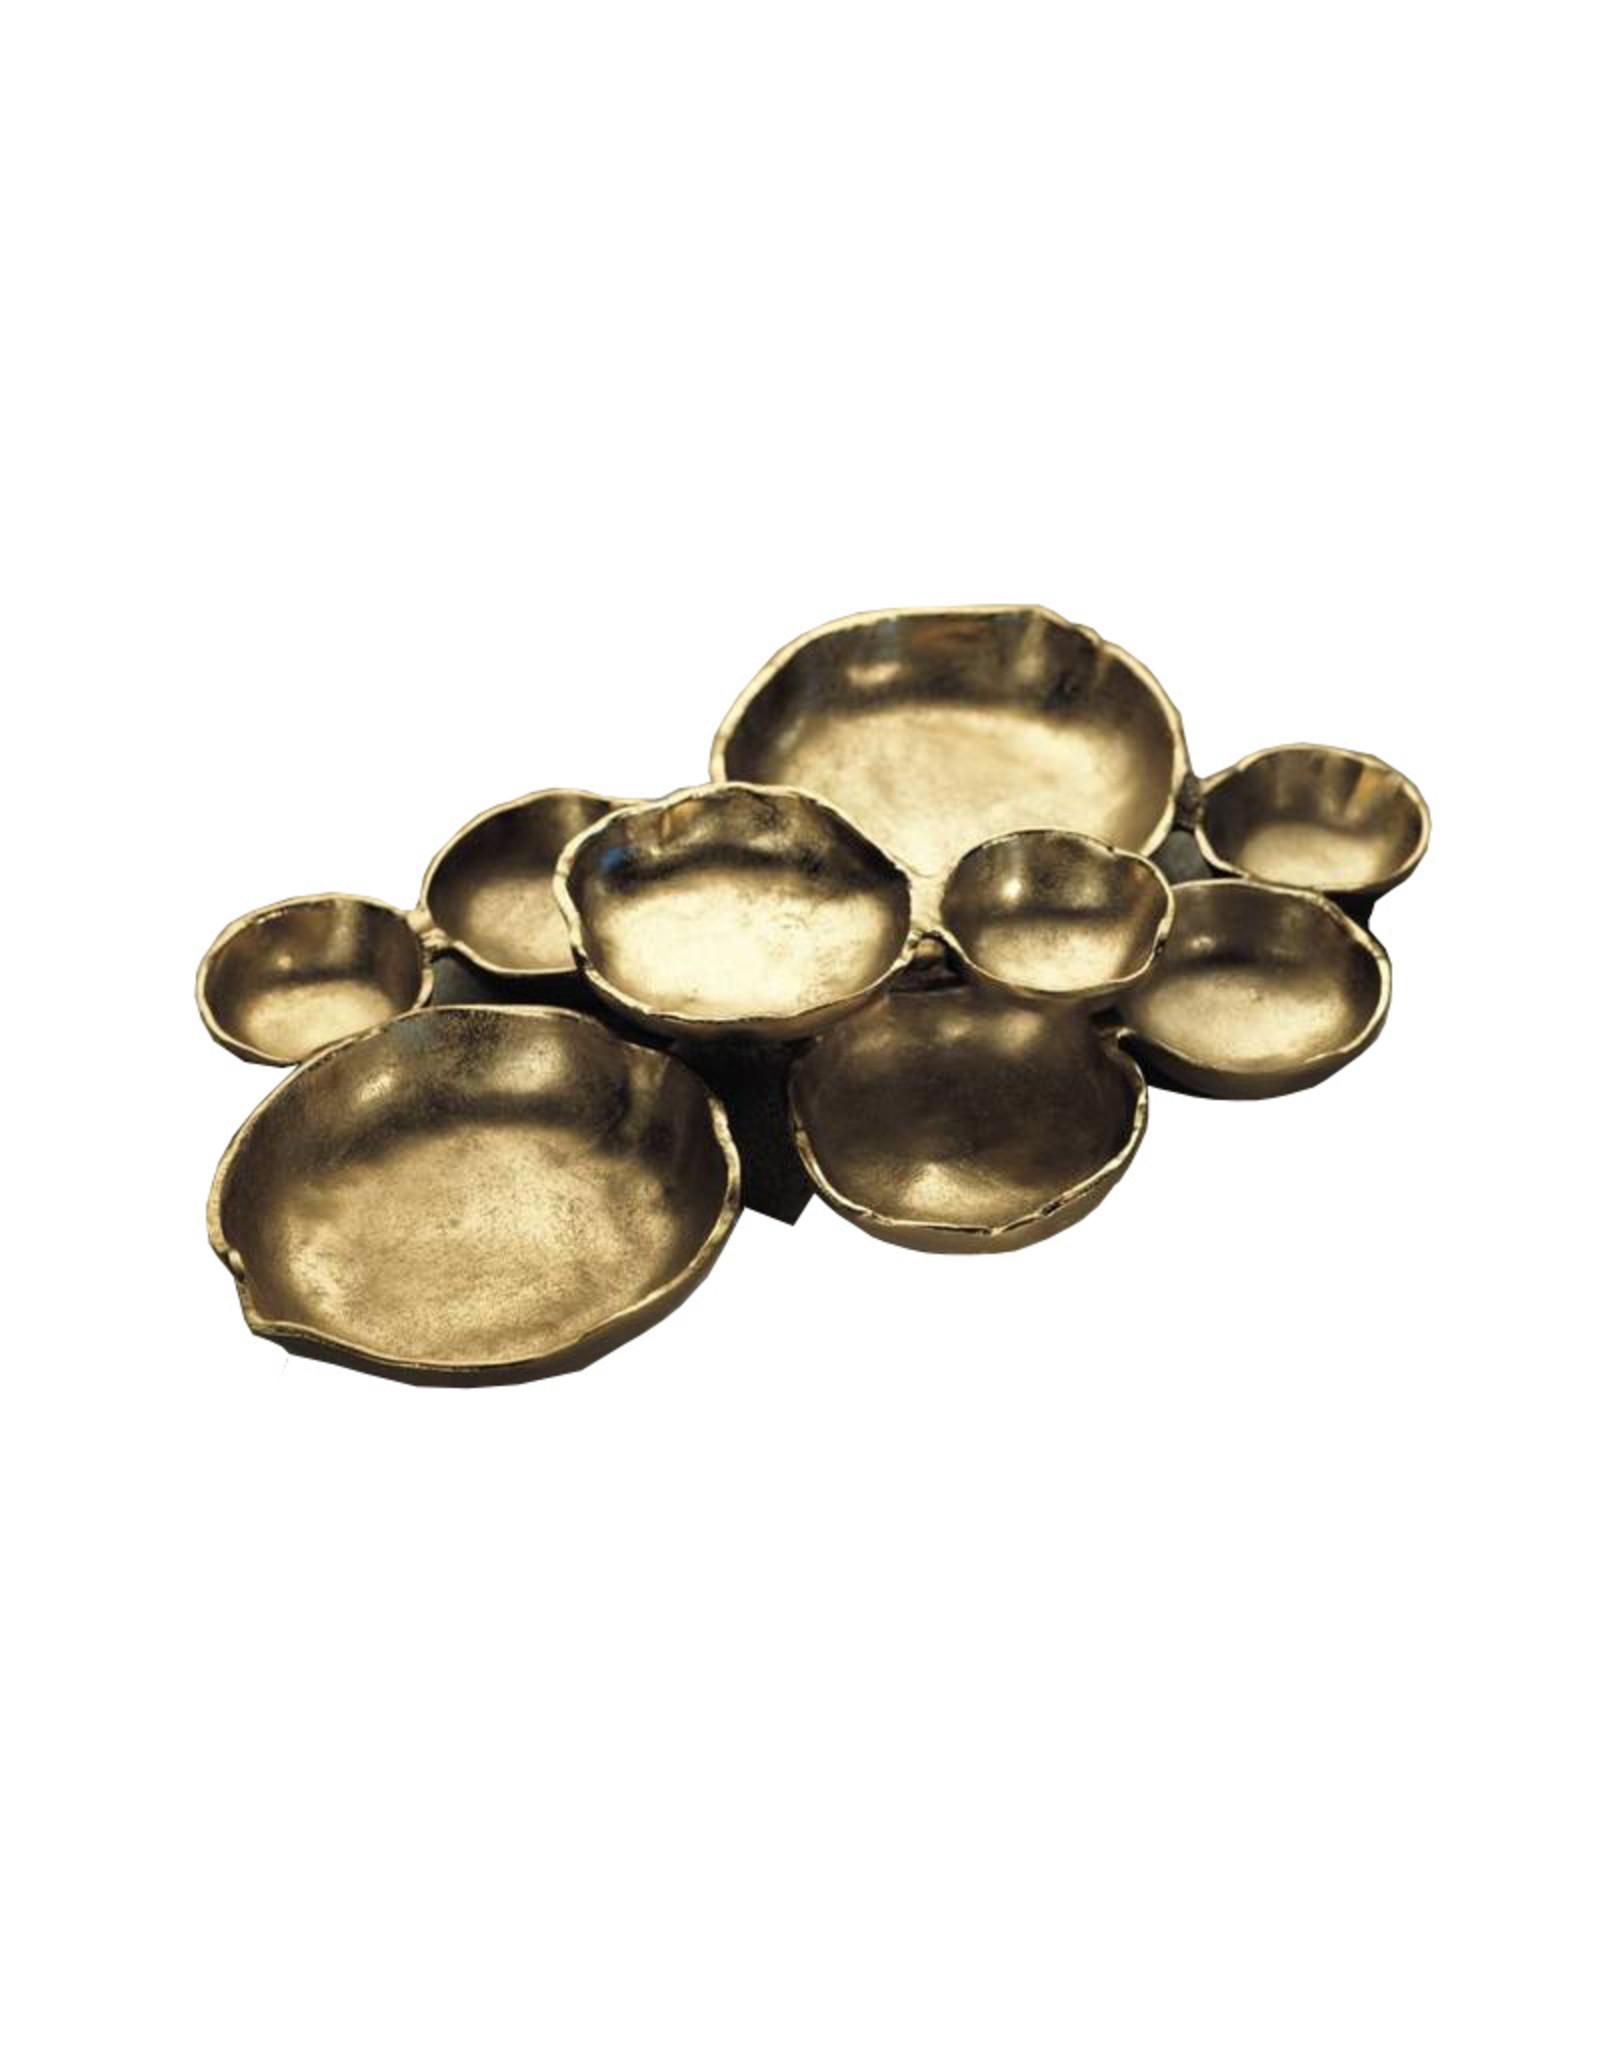 Cluster of 9 Serving Bowls